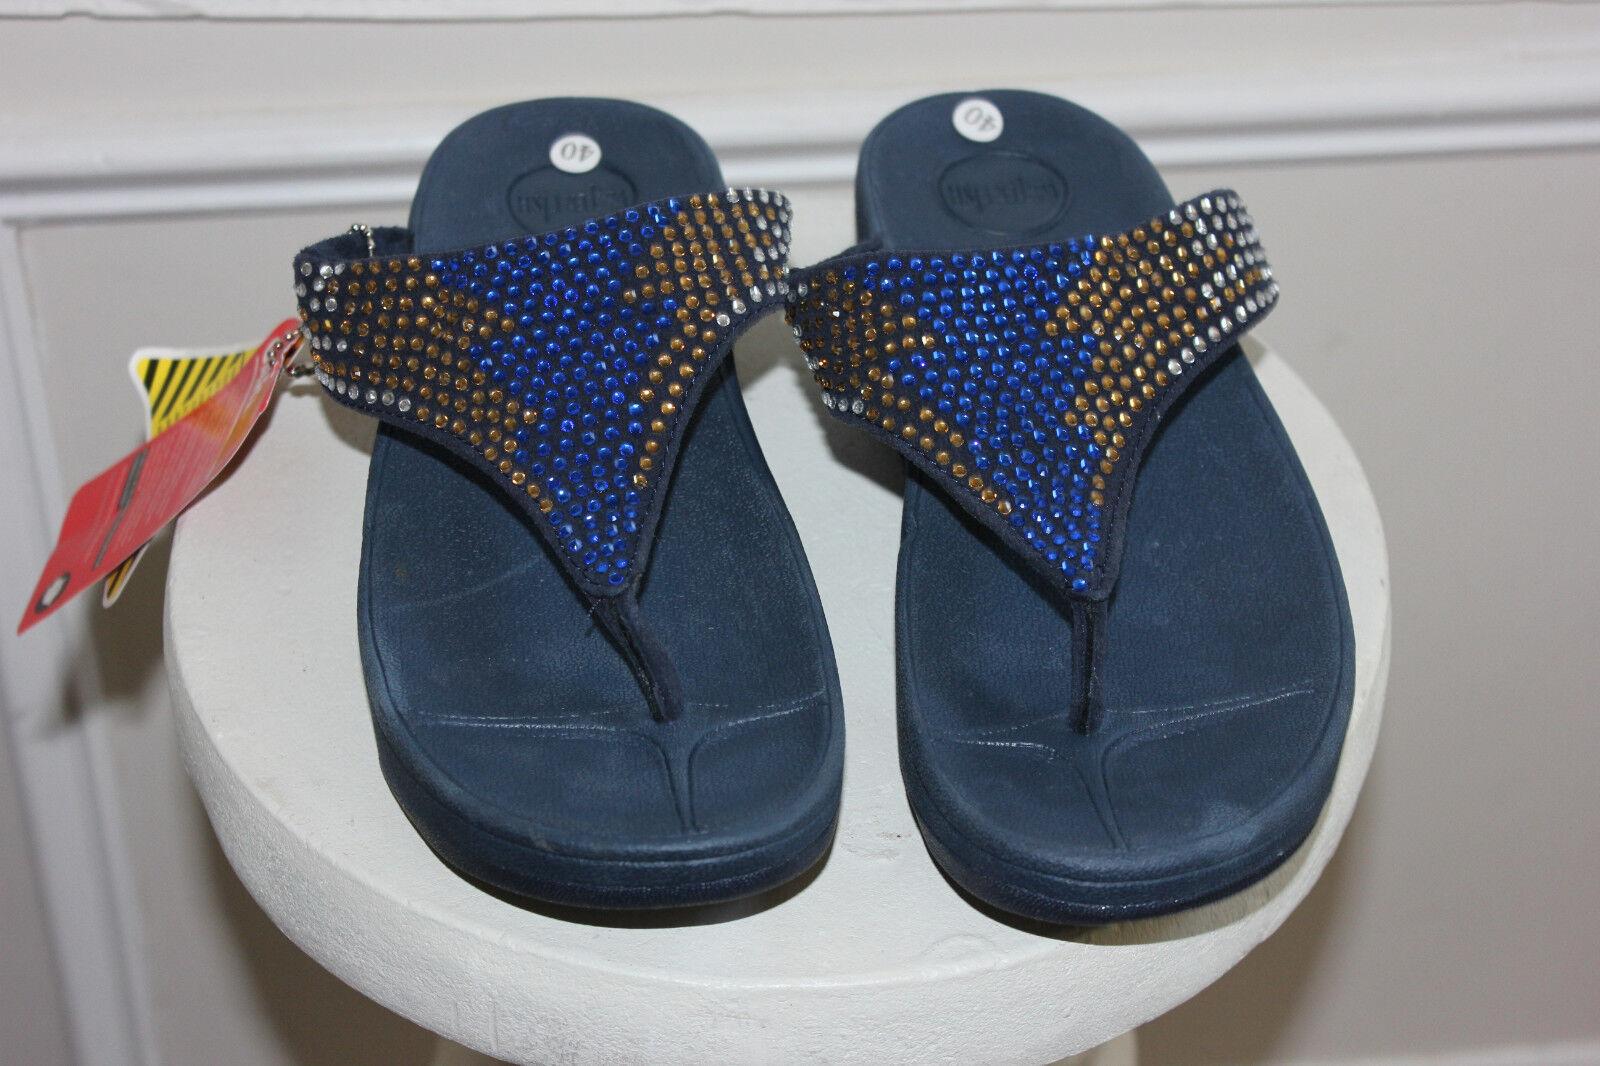 Nueva Acolchada Flip-flop Azul Sandalia Sandalia Sandalia Zapatillas Zapatos Talla 36  ventas en línea de venta